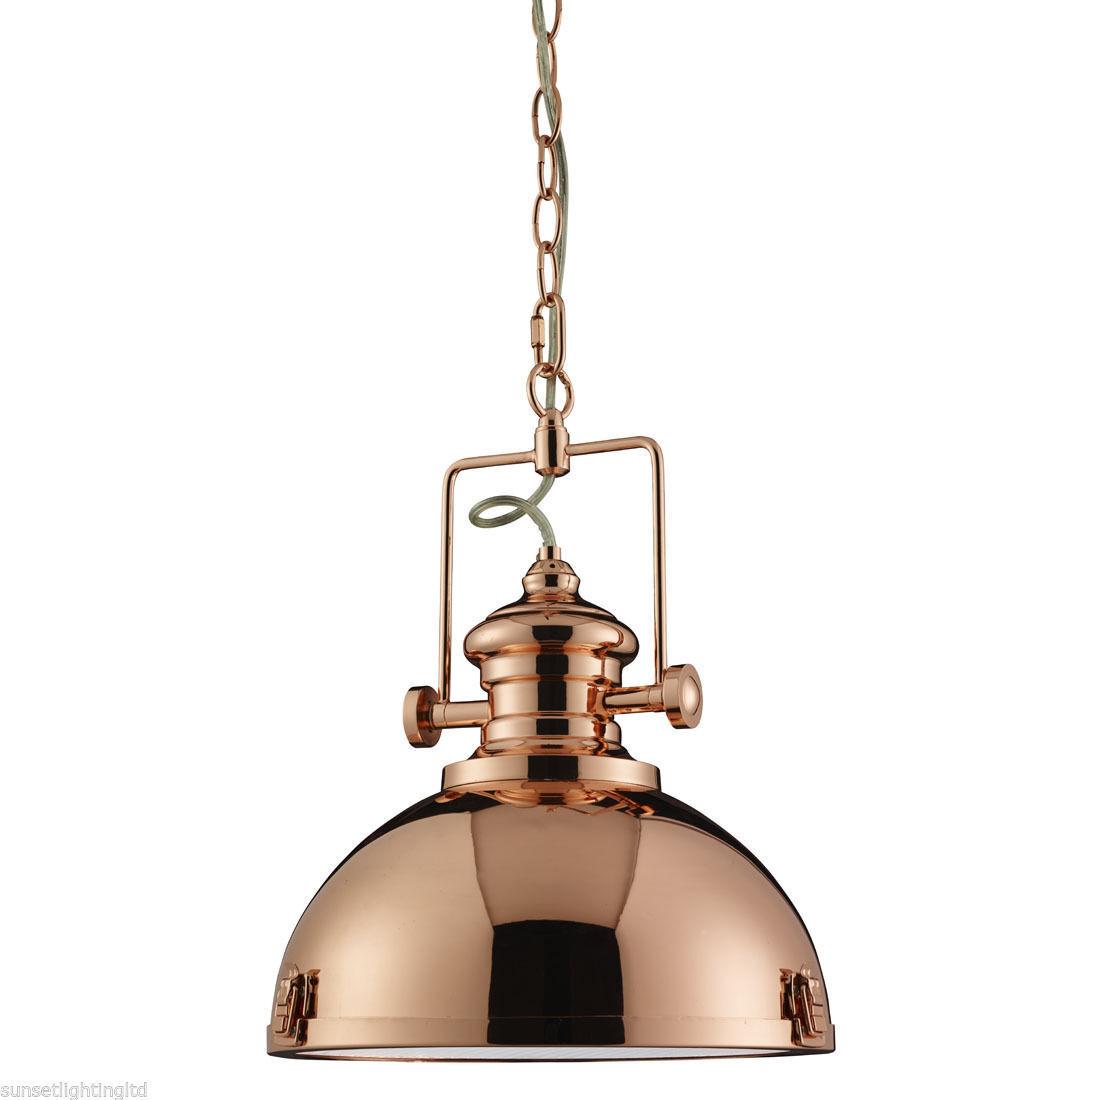 100d 2297cu 1 Luz Colgante, acabado de cobre Transparente De Acrílico Difusor. BNIB